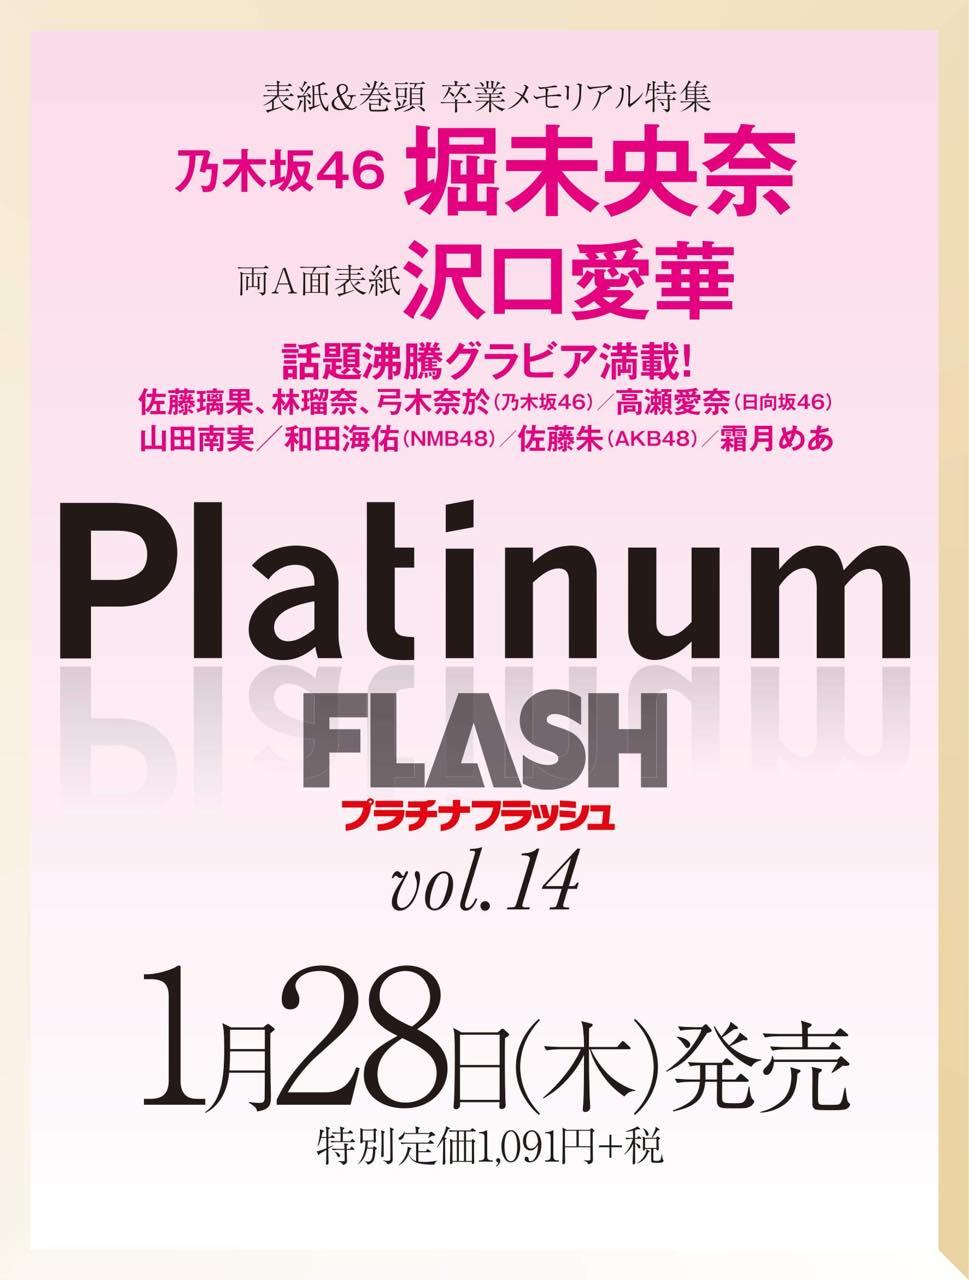 乃木坂46 堀未央奈、表紙&巻頭 卒業メモリアル特集!「Platinum FLASH vol.14」1/28発売!